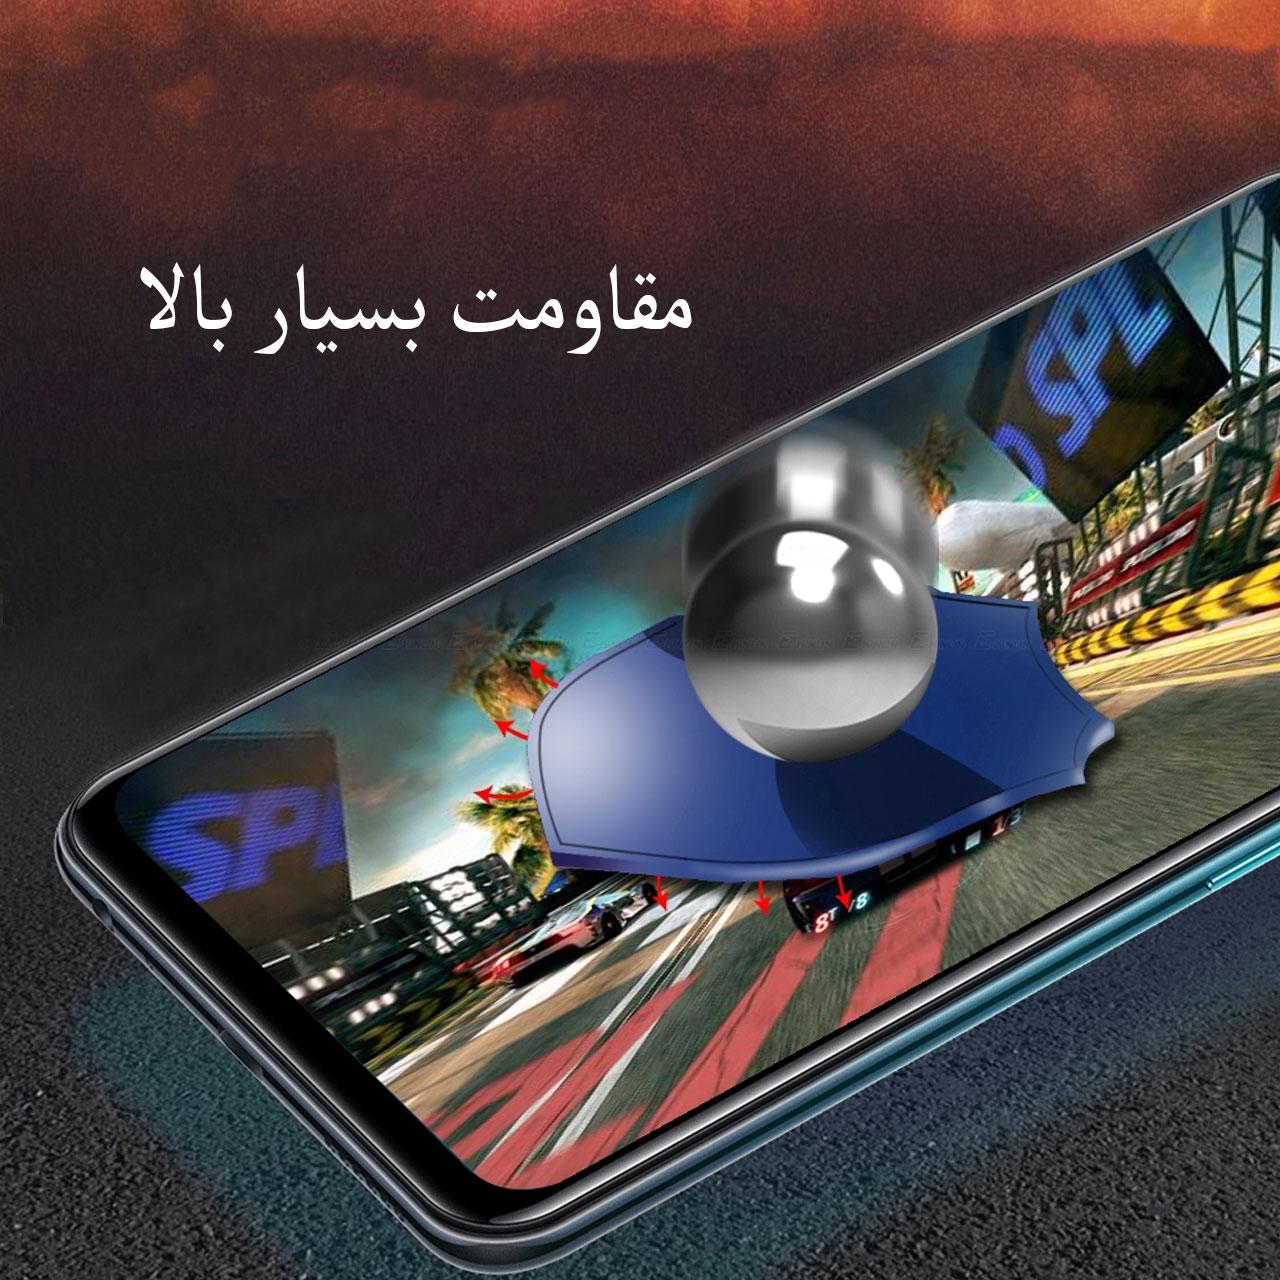 محافظ صفحه نمایش مدل FCG مناسب برای گوشی موبایل شیائومی Poco M3 main 1 9